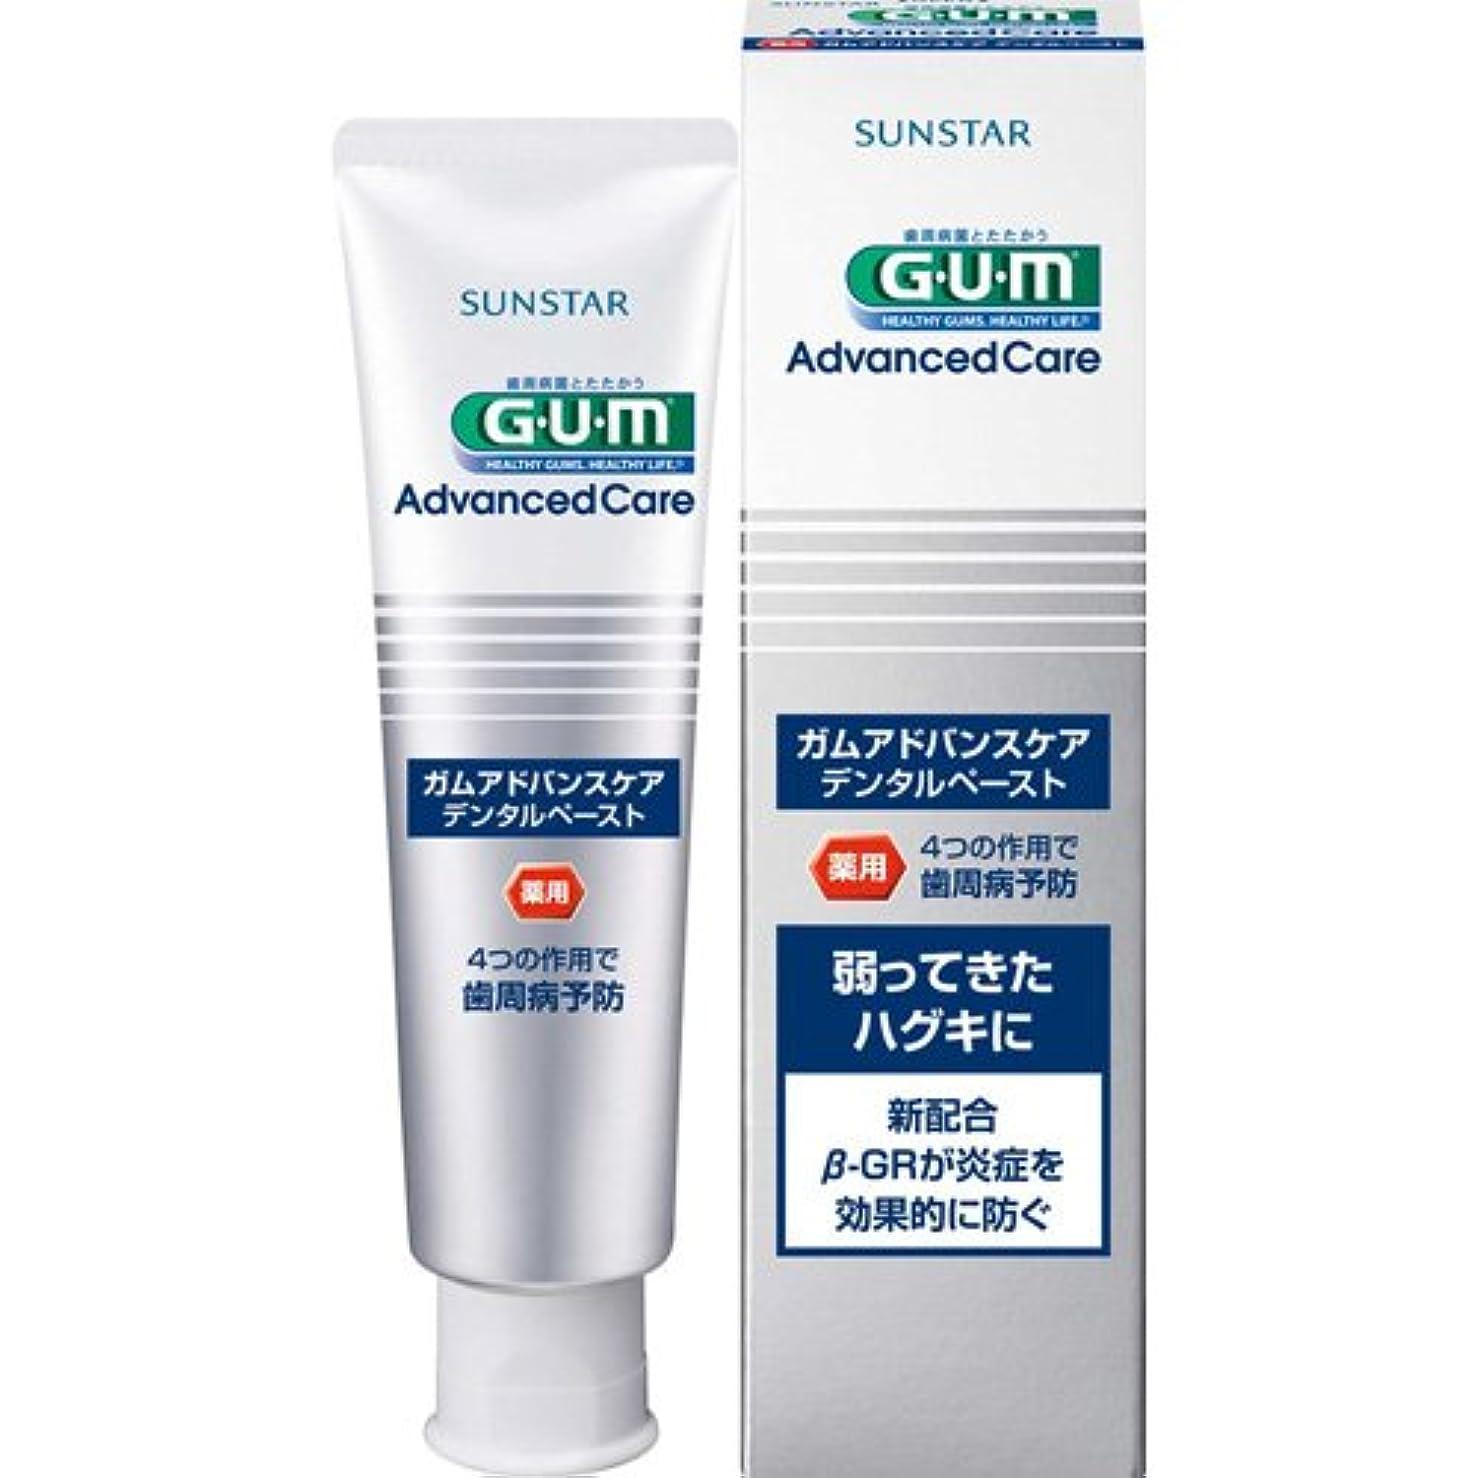 ヒープ三角形屋内GUM(ガム)アドバンスケア デンタルペースト 90g (医薬部外品)